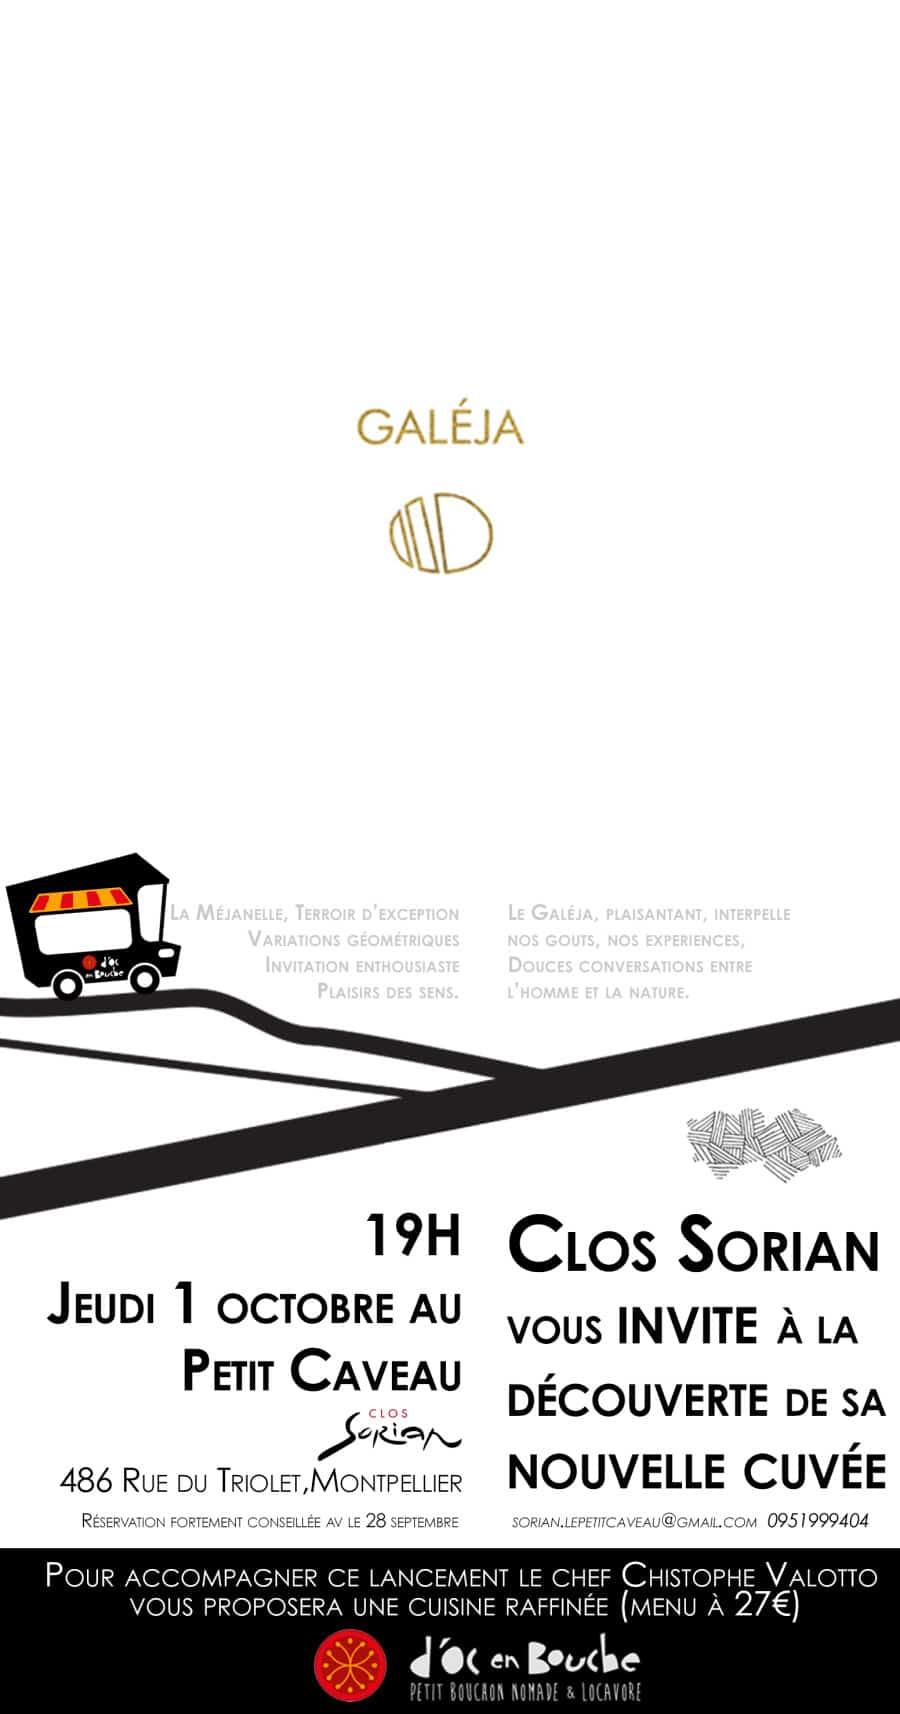 Lancement de «Galéja», la nouvelle cuvée du Clos Sorian